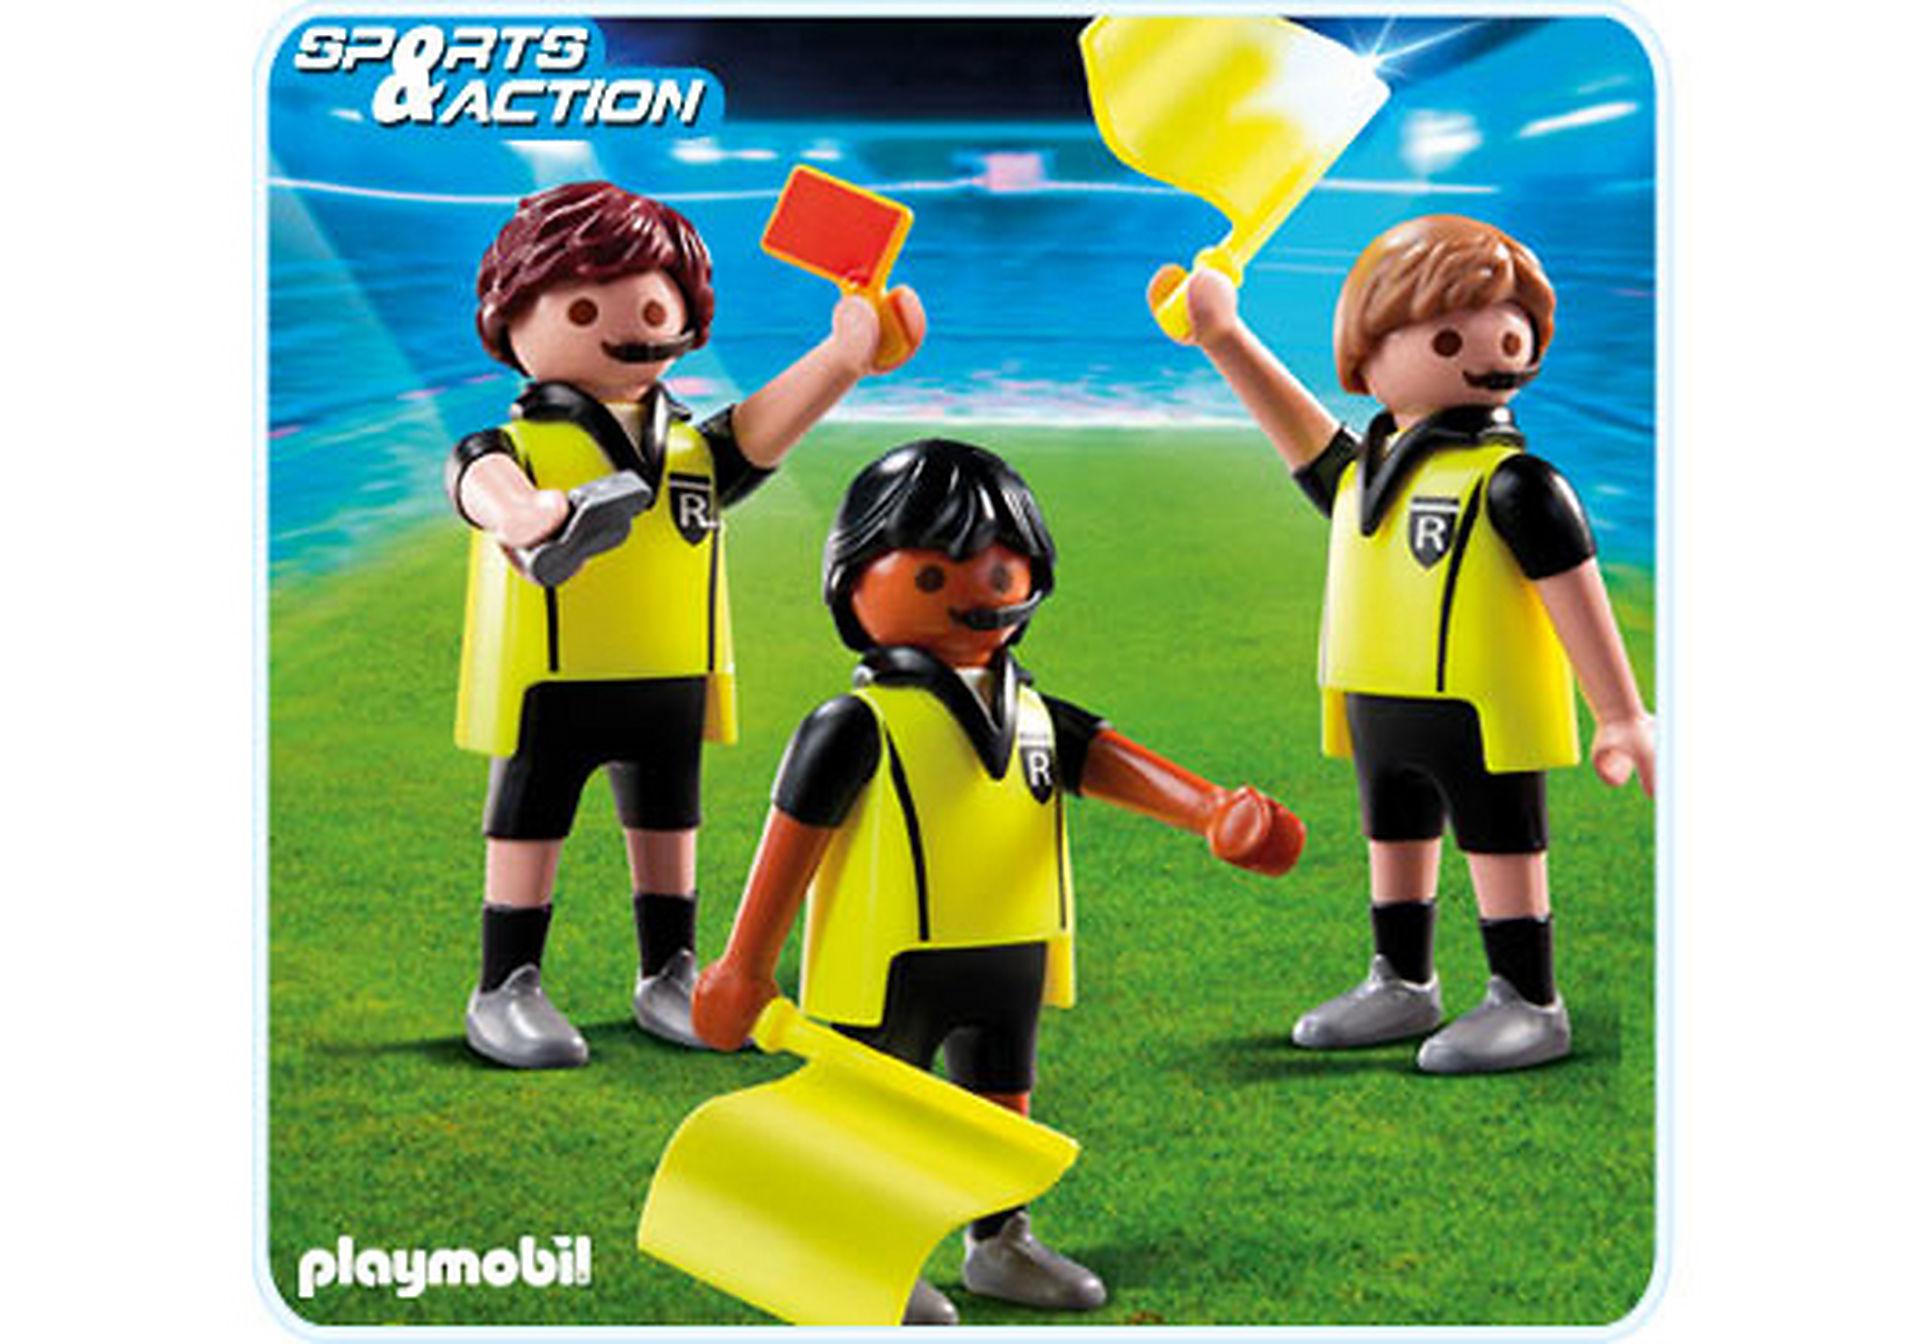 4728-A Schiedsrichter mit Assistenten zoom image1